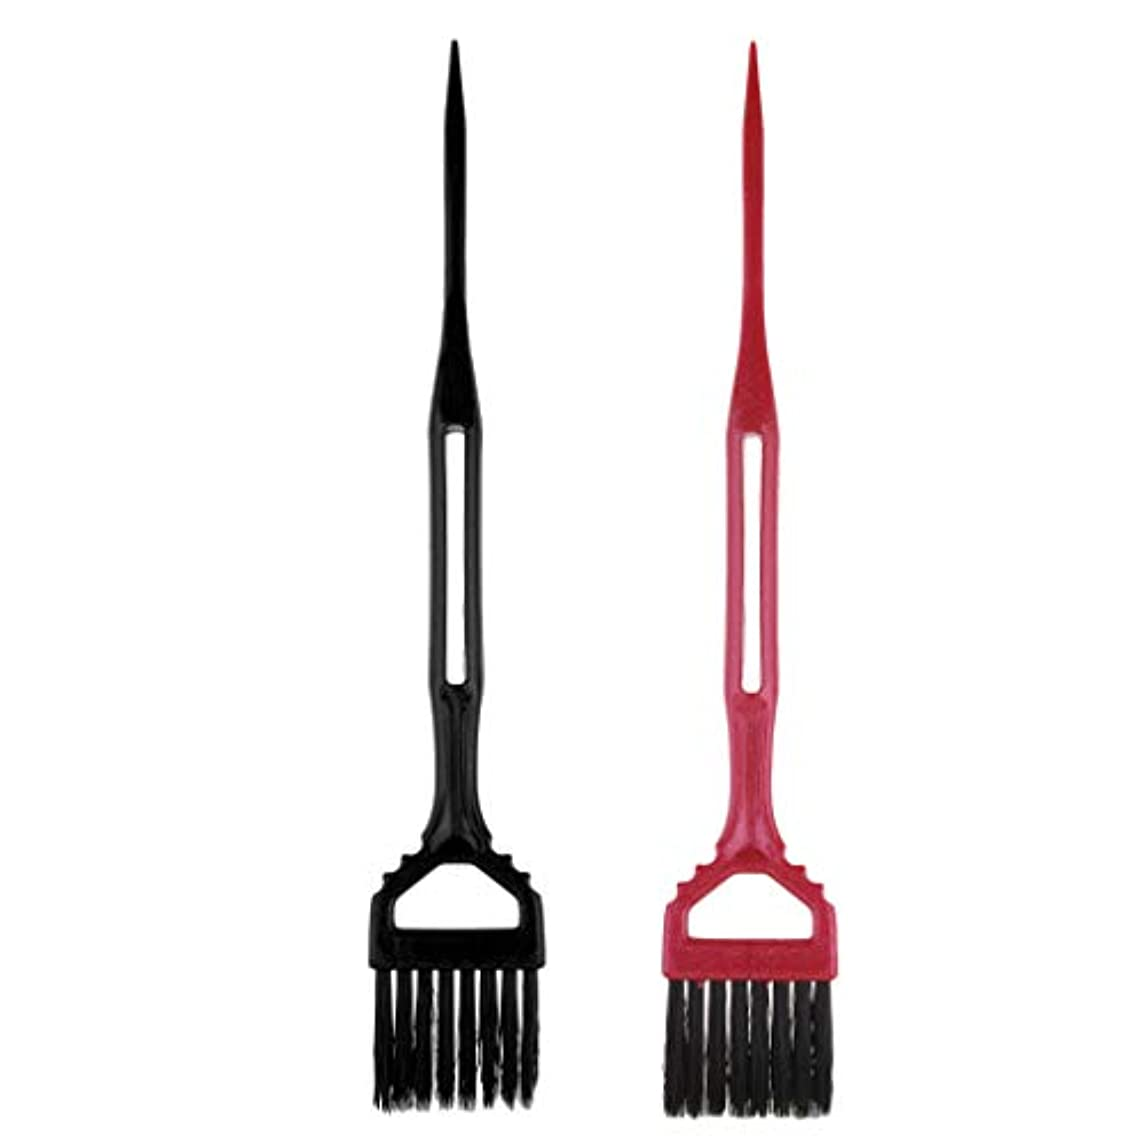 辞任当社推進力Toygogo 2サロン理髪髪染め櫛分布ブラシツールのセット髪型染め染め櫛ツール